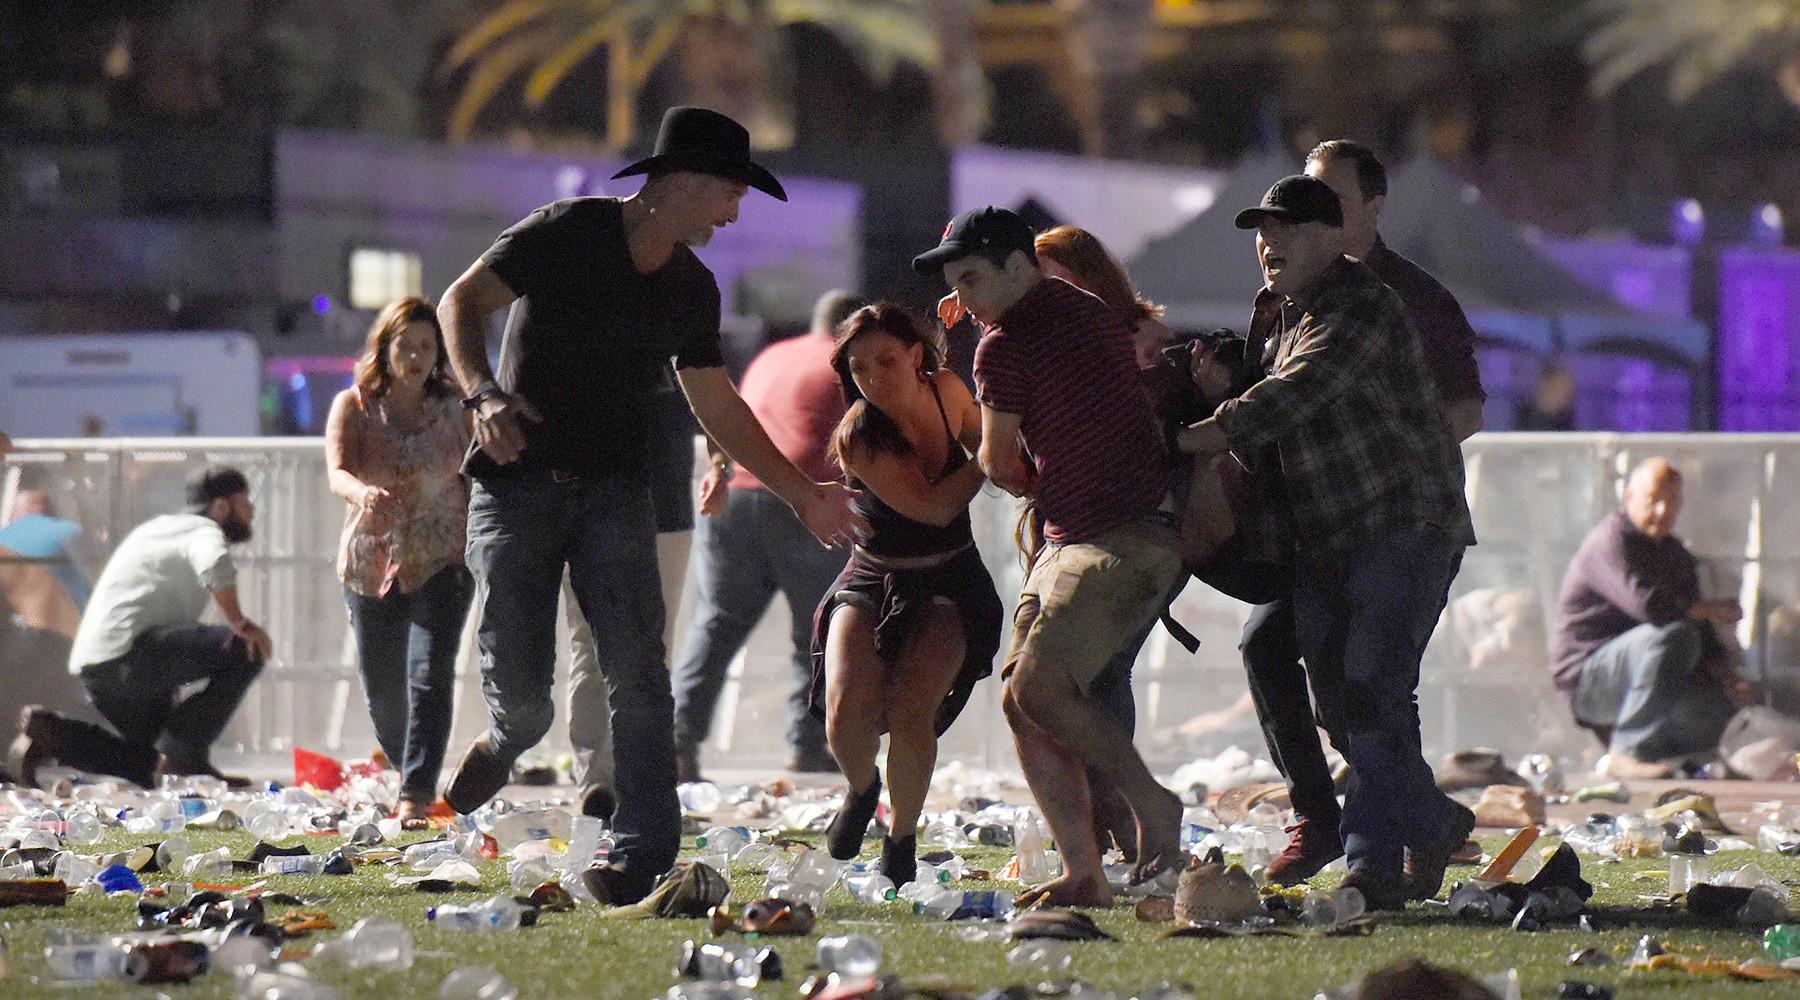 Бойня в Лас-Вегасе: не мене 20 человек погибли в результате стрельбы на музыкальном фестивале